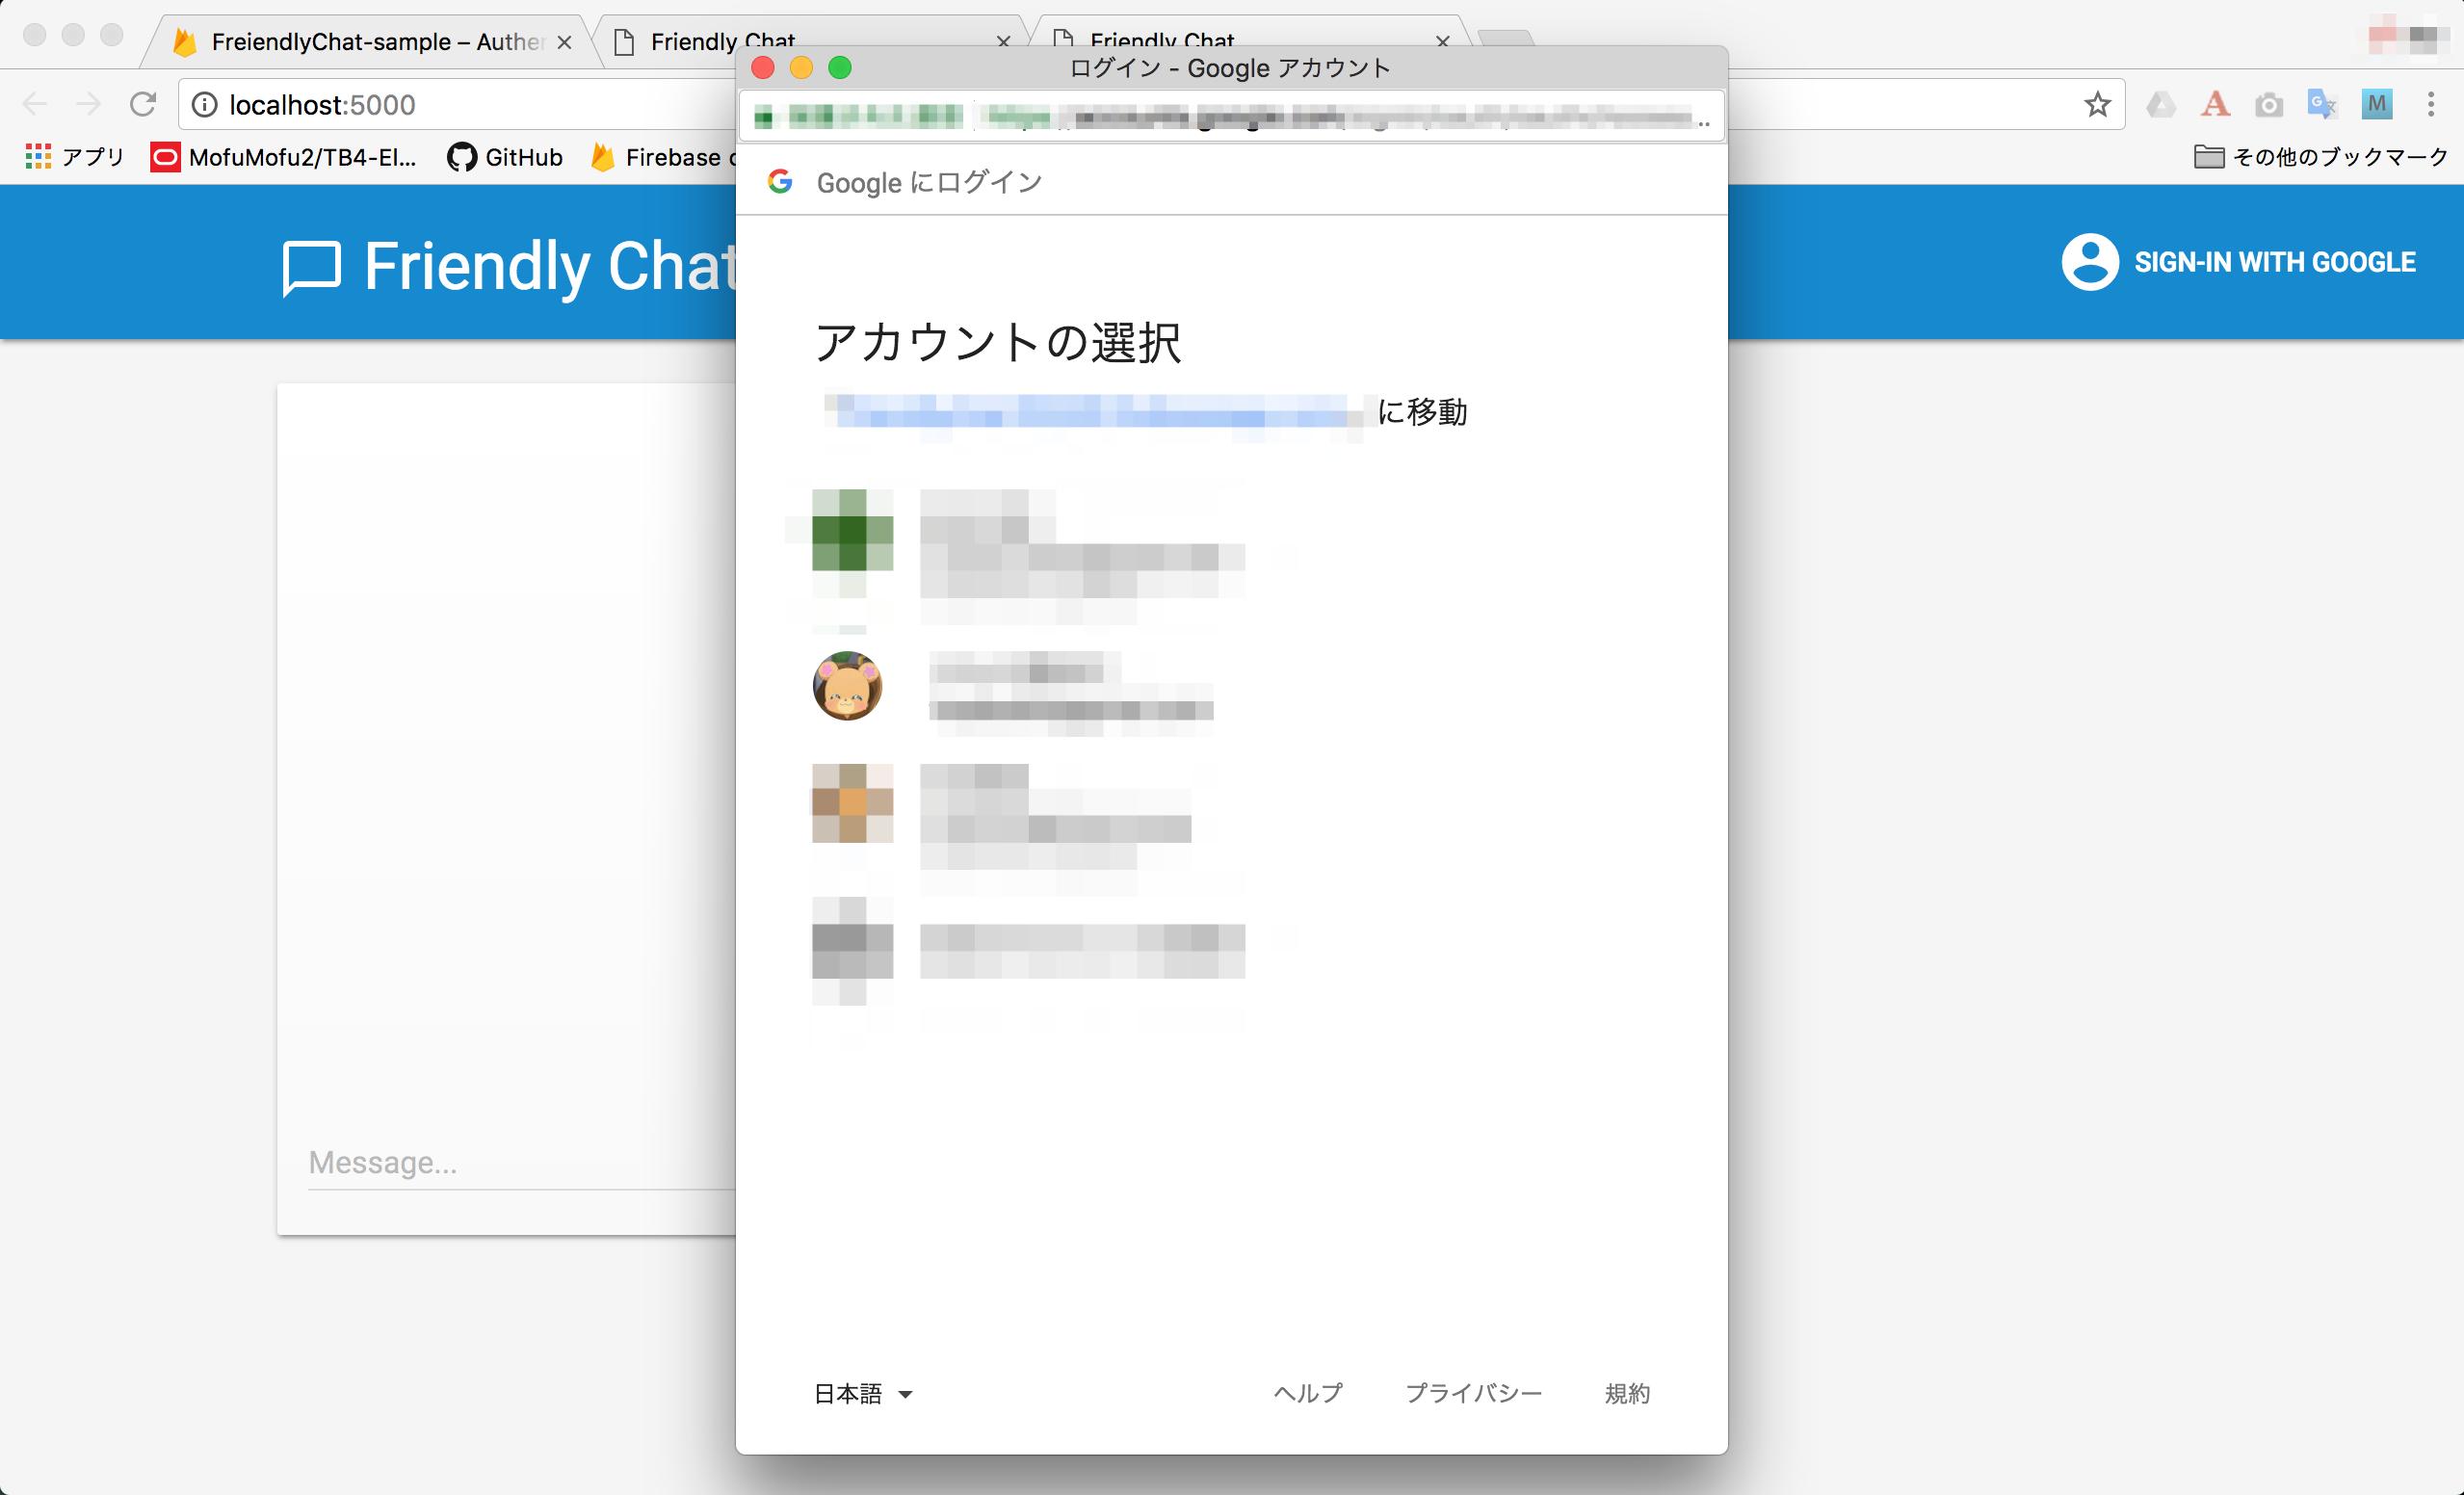 ログイン_-_Google_アカウント_と_Friendly_Chat.png